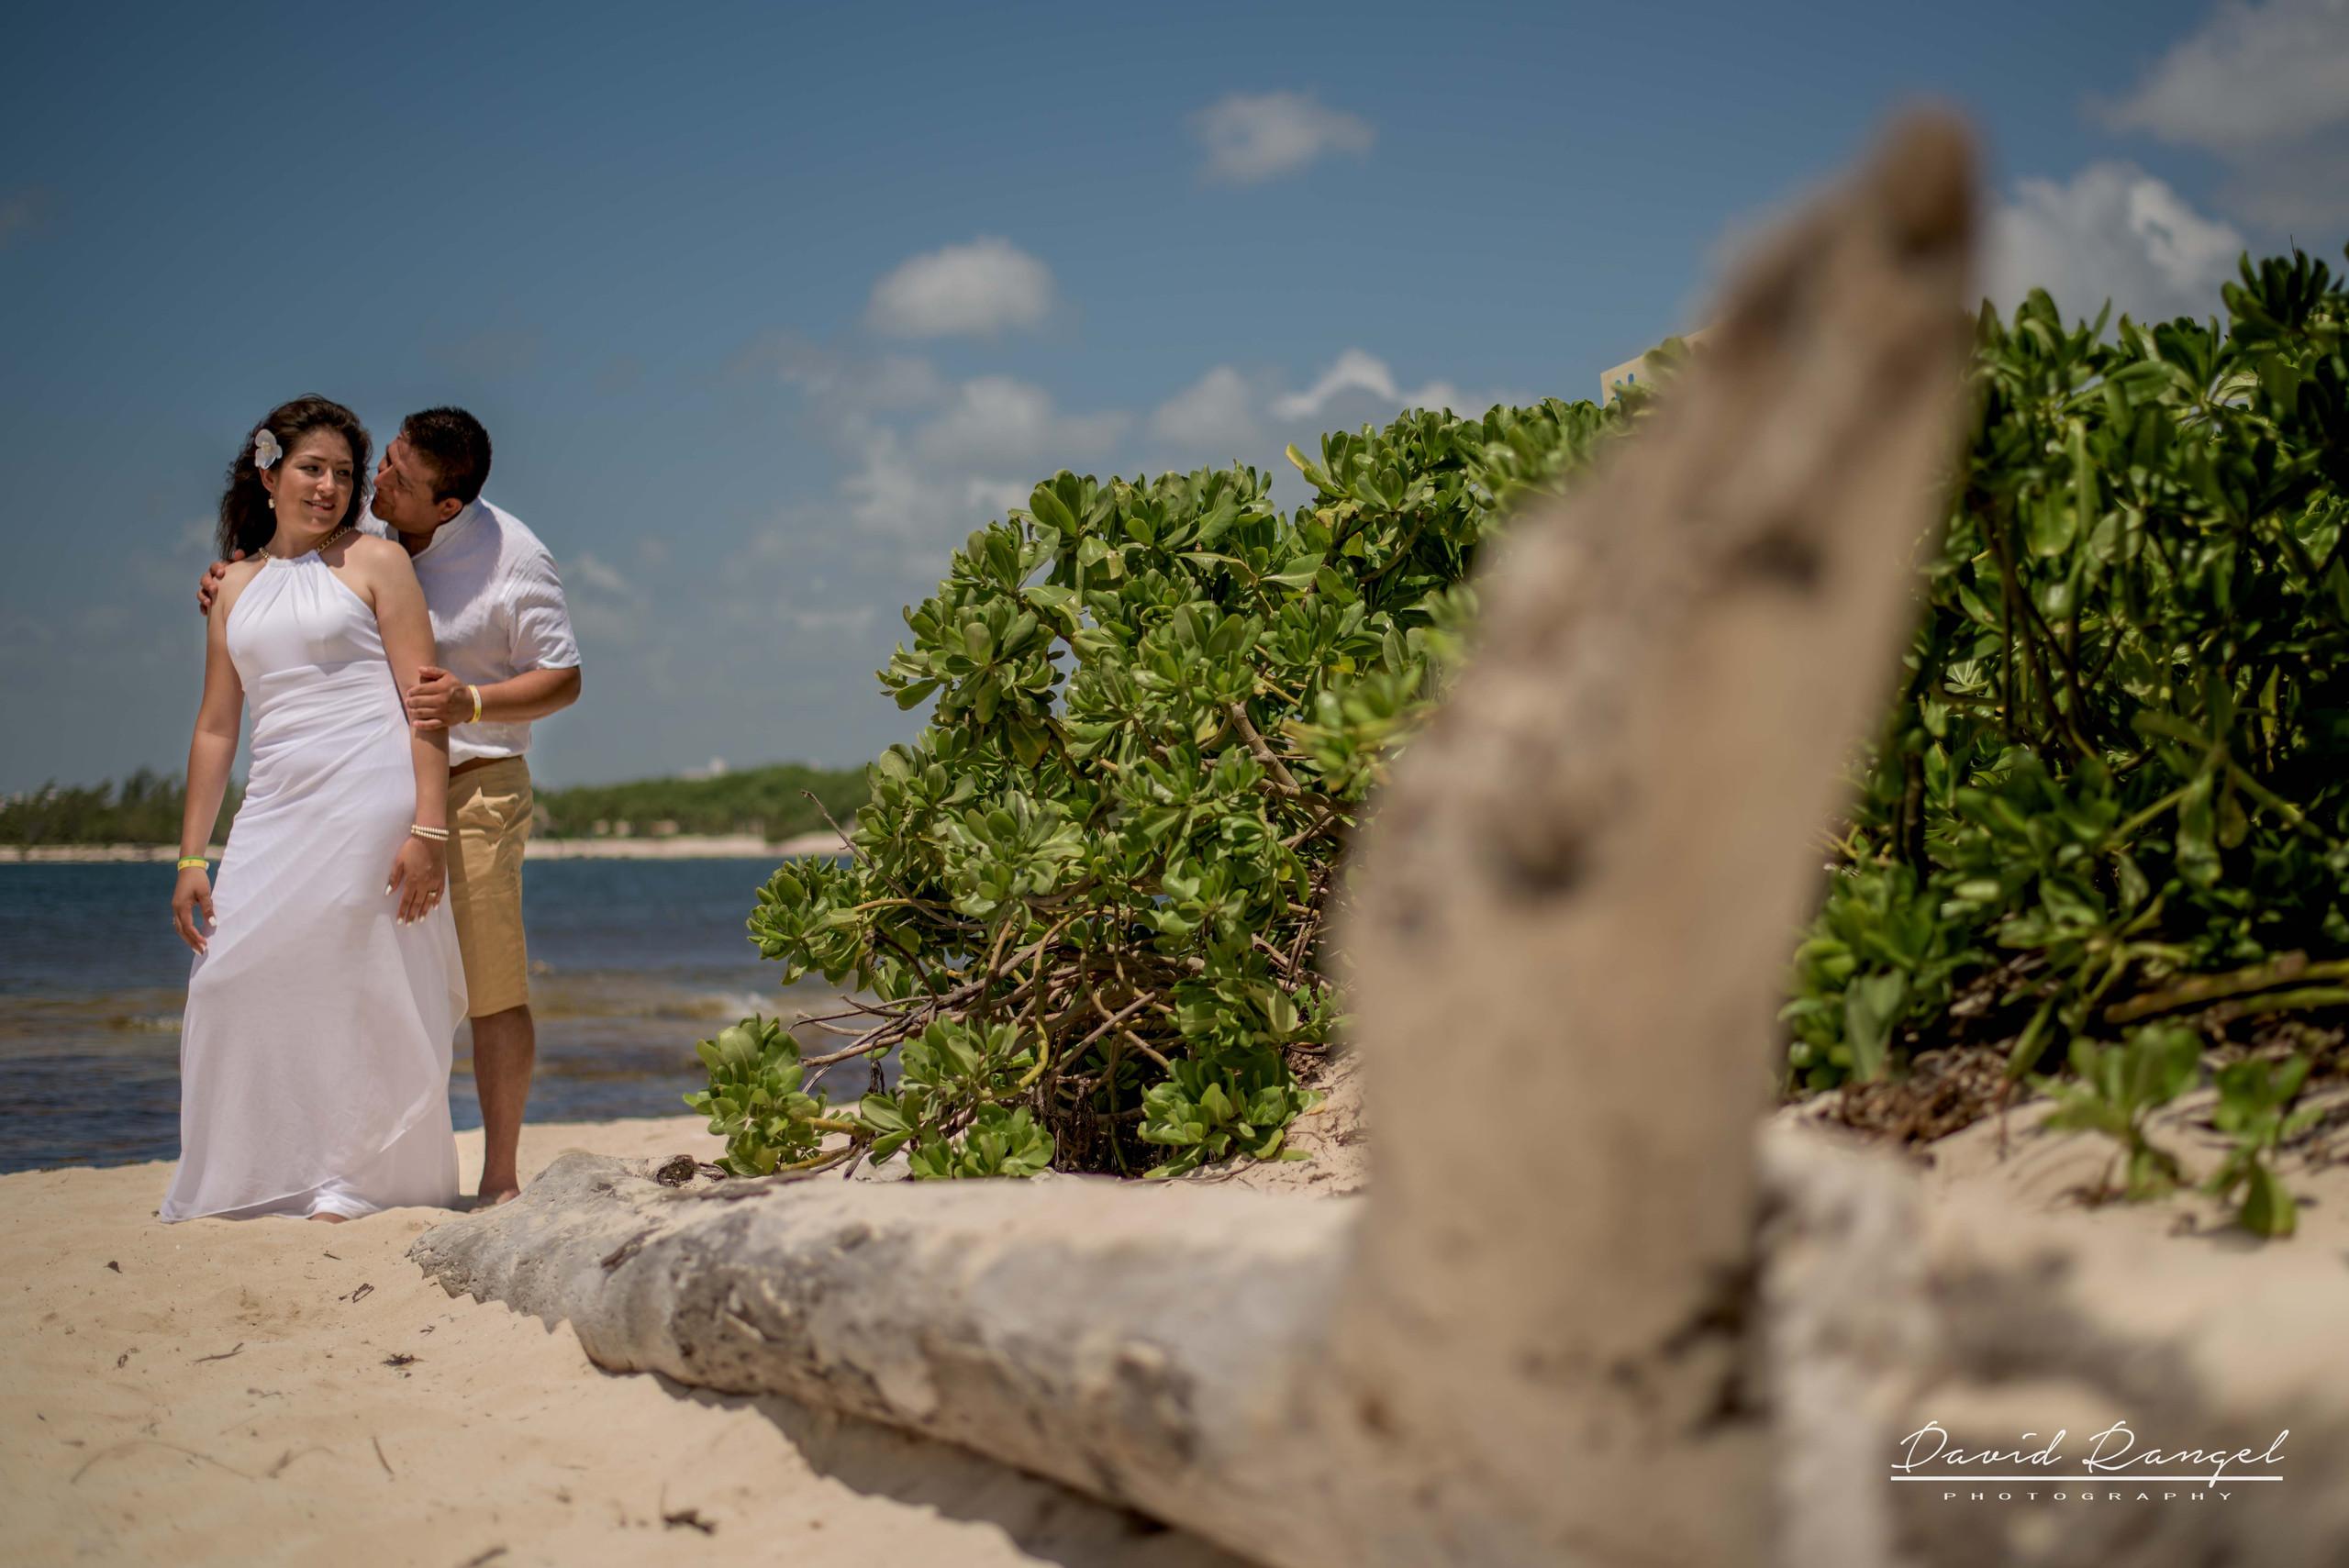 weddinbg+photographer+in+cancun+playa+del+carmen+tulum+cozumel